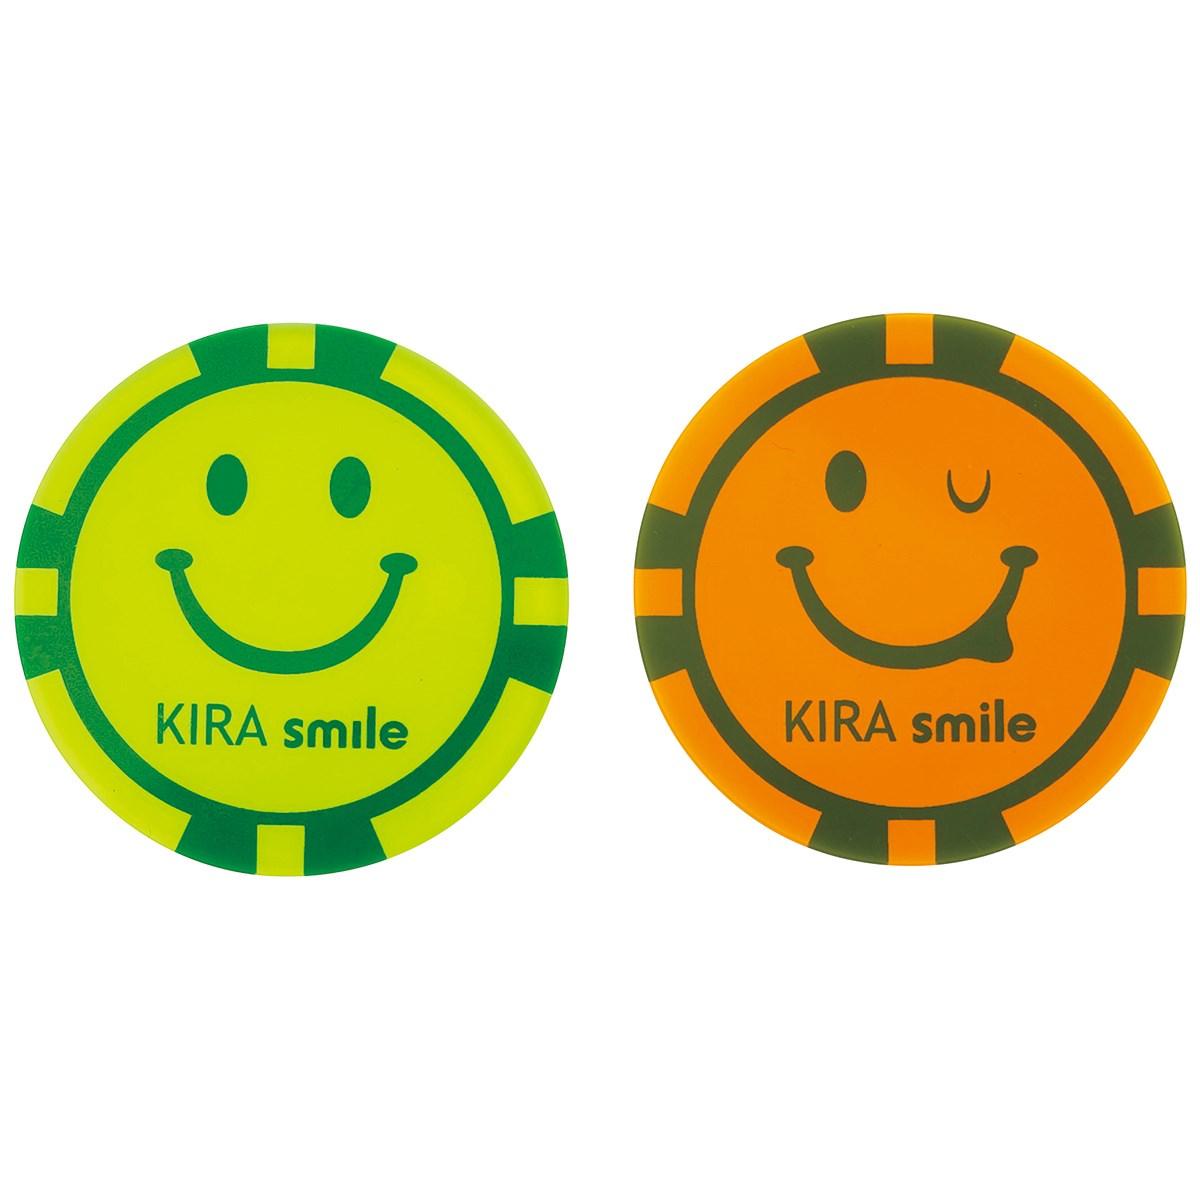 キャスコ(KASCO) KIRA Smile 集光性アクリルコインマーカー 2個セット